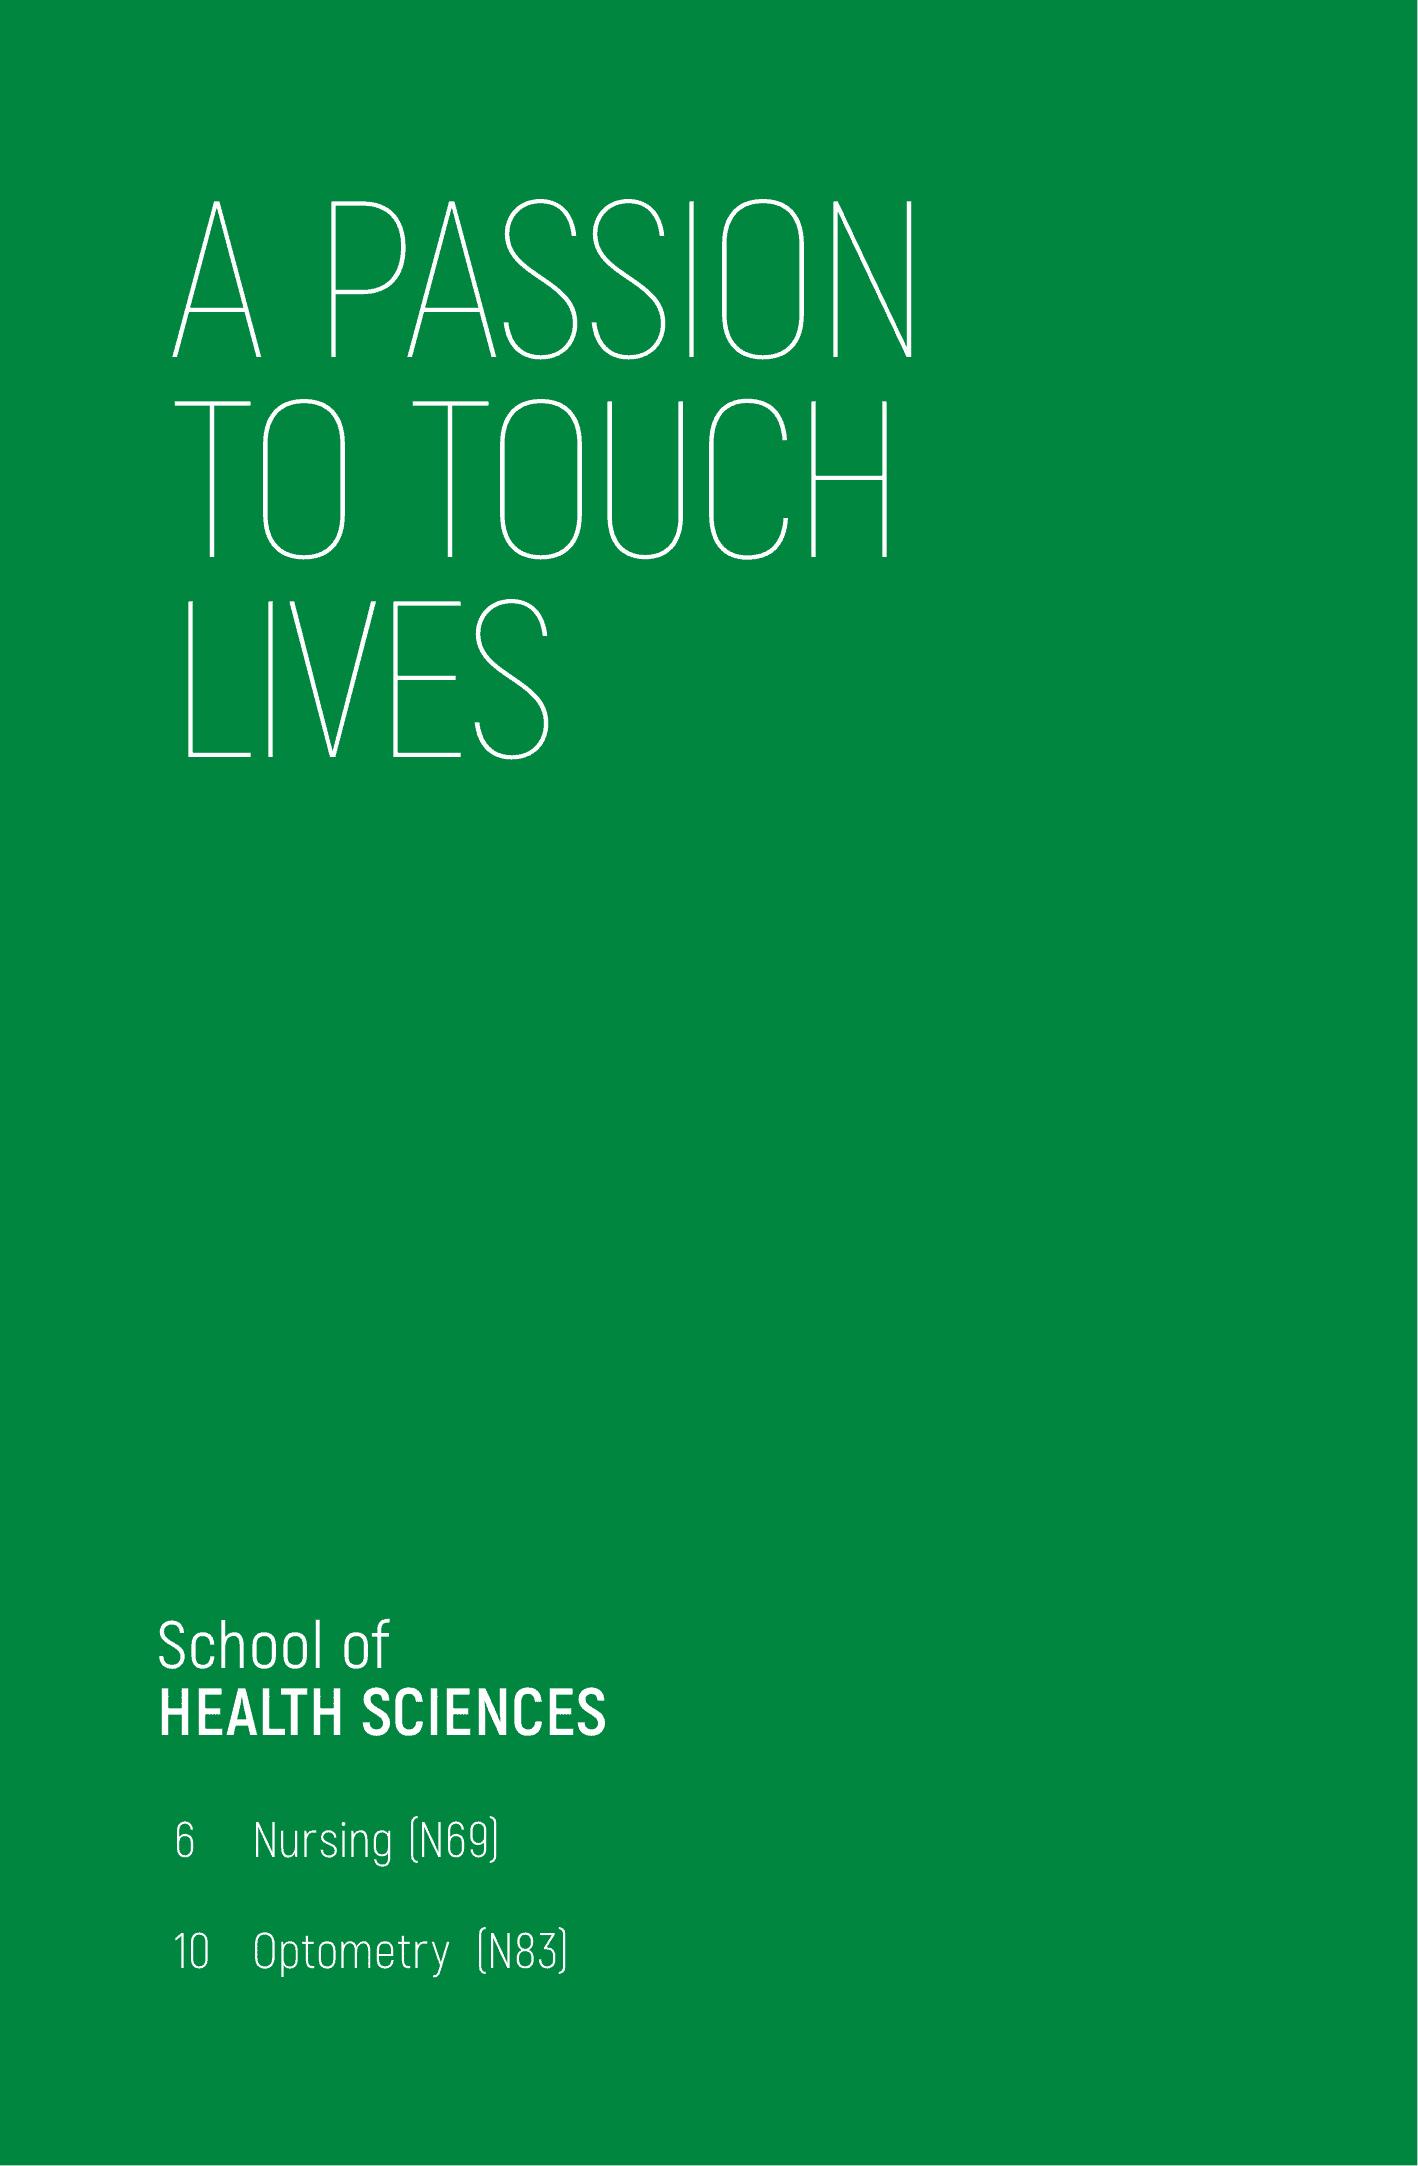 School of Health Sciences 2020-02